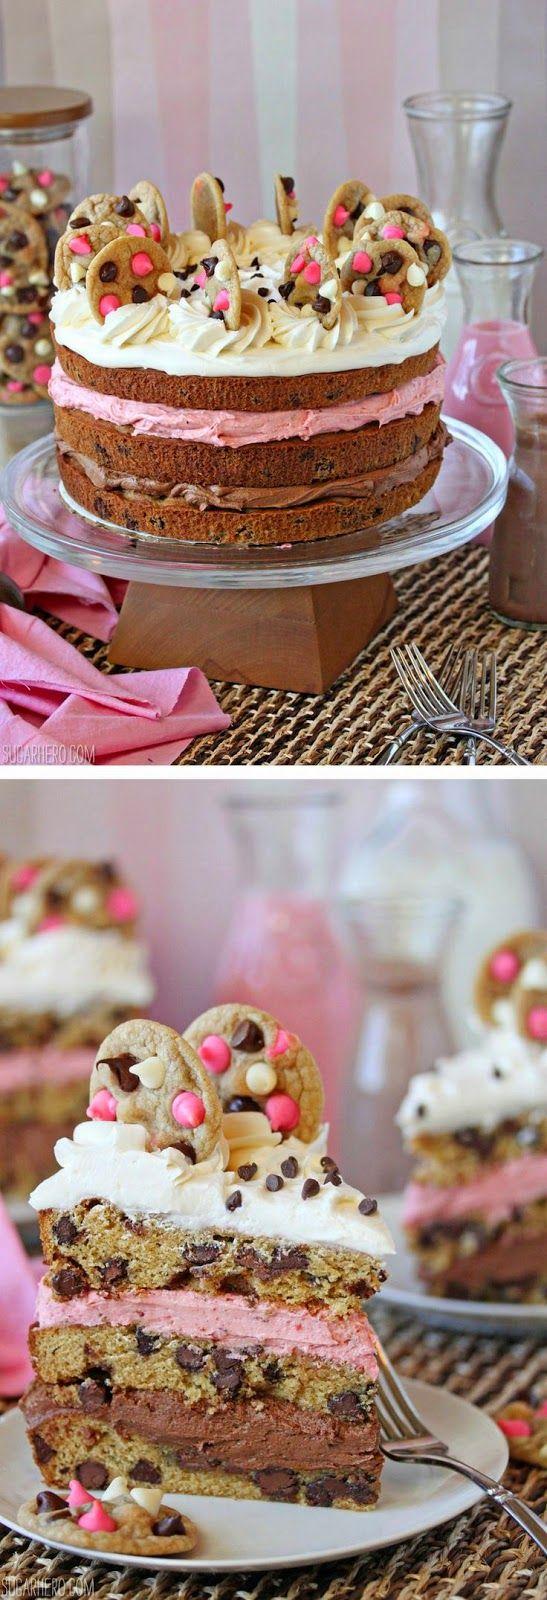 Inspirações para o findi friozinho... Vai um café com bolo? #bolo #cake #frio #inspiracoes #mamyantenada